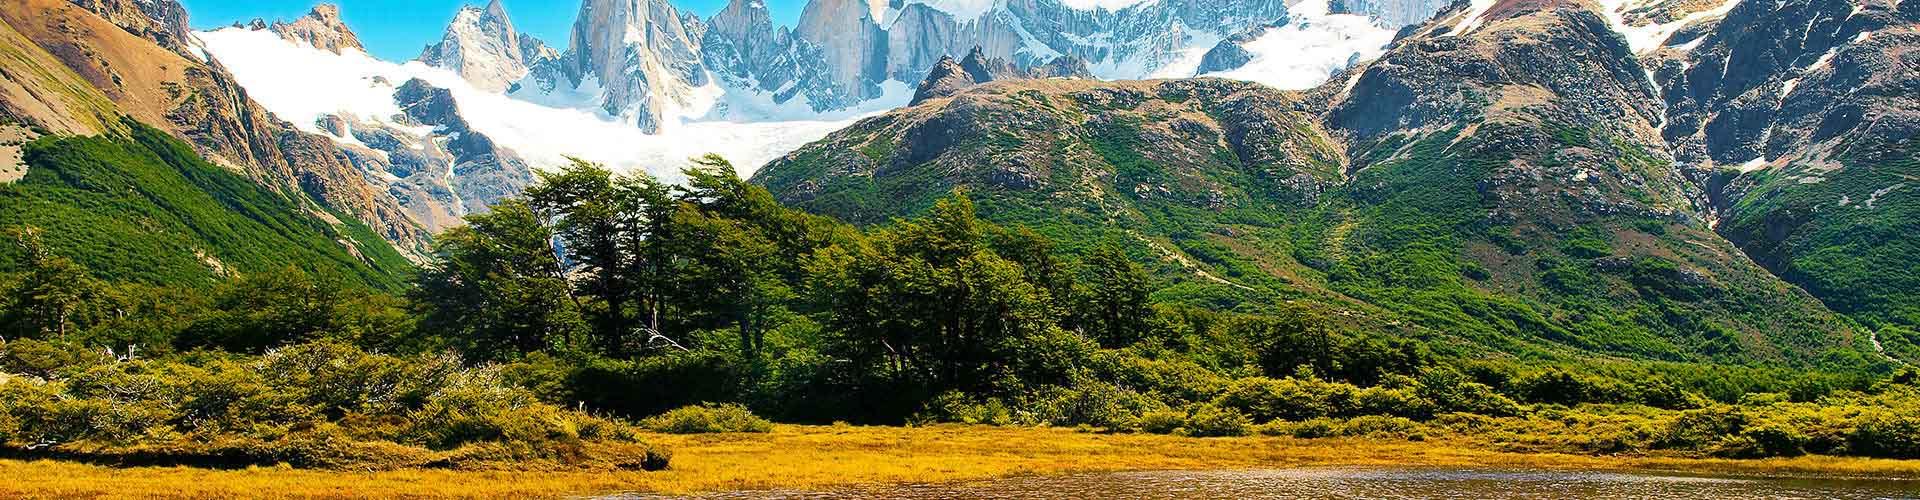 Mendoza - Campamentos en el distrito Microcentro de Mendoza. Mapas de Mendoza, Fotos y comentarios de cada Campamento en Mendoza.